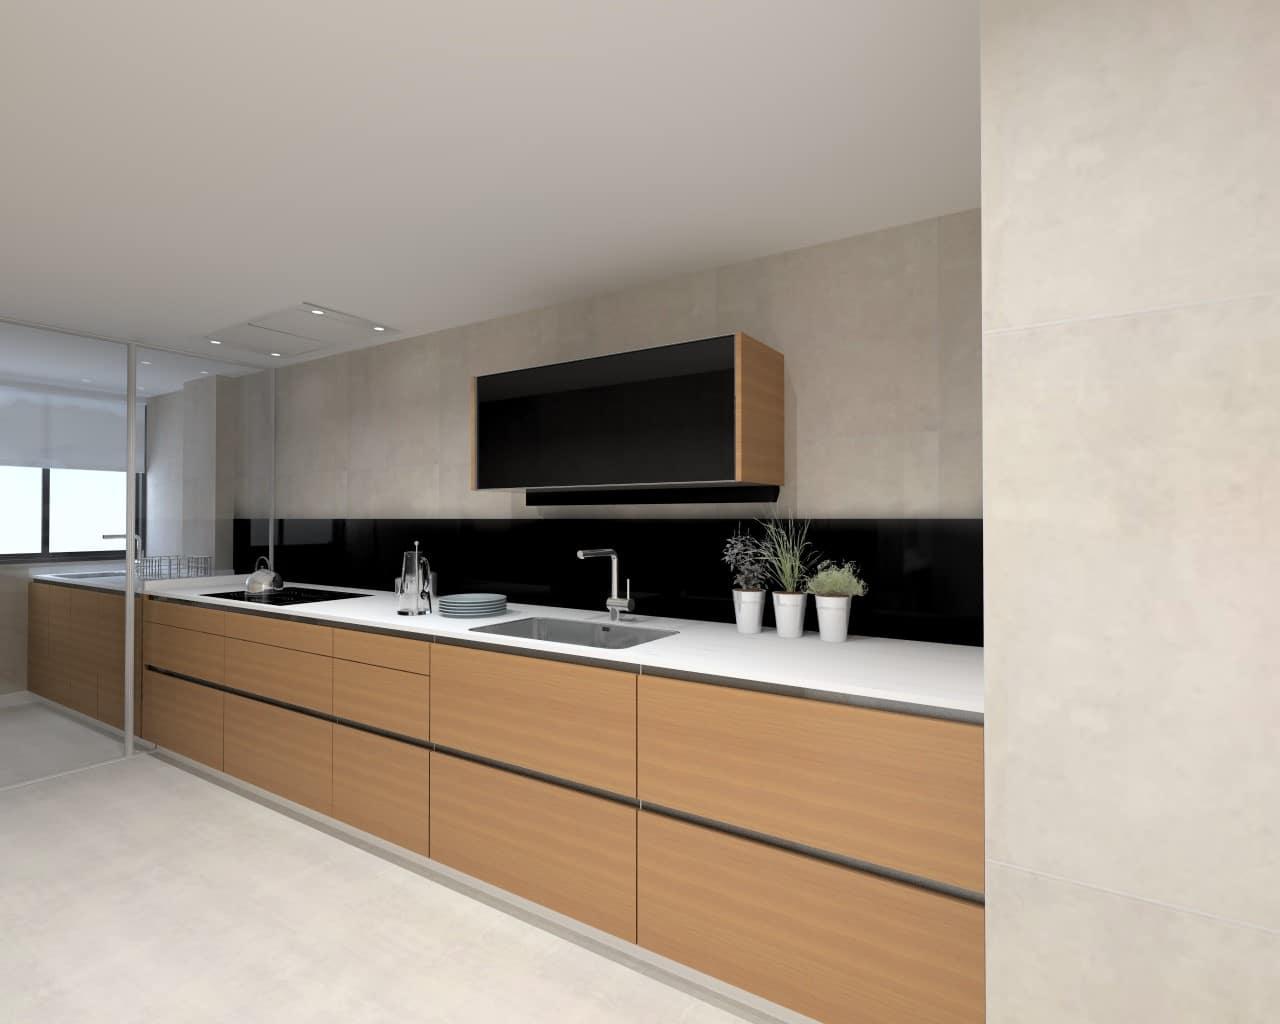 Una cocina de dise o r stico y moderno estudio cocinas dc - Cocina diseno moderno ...